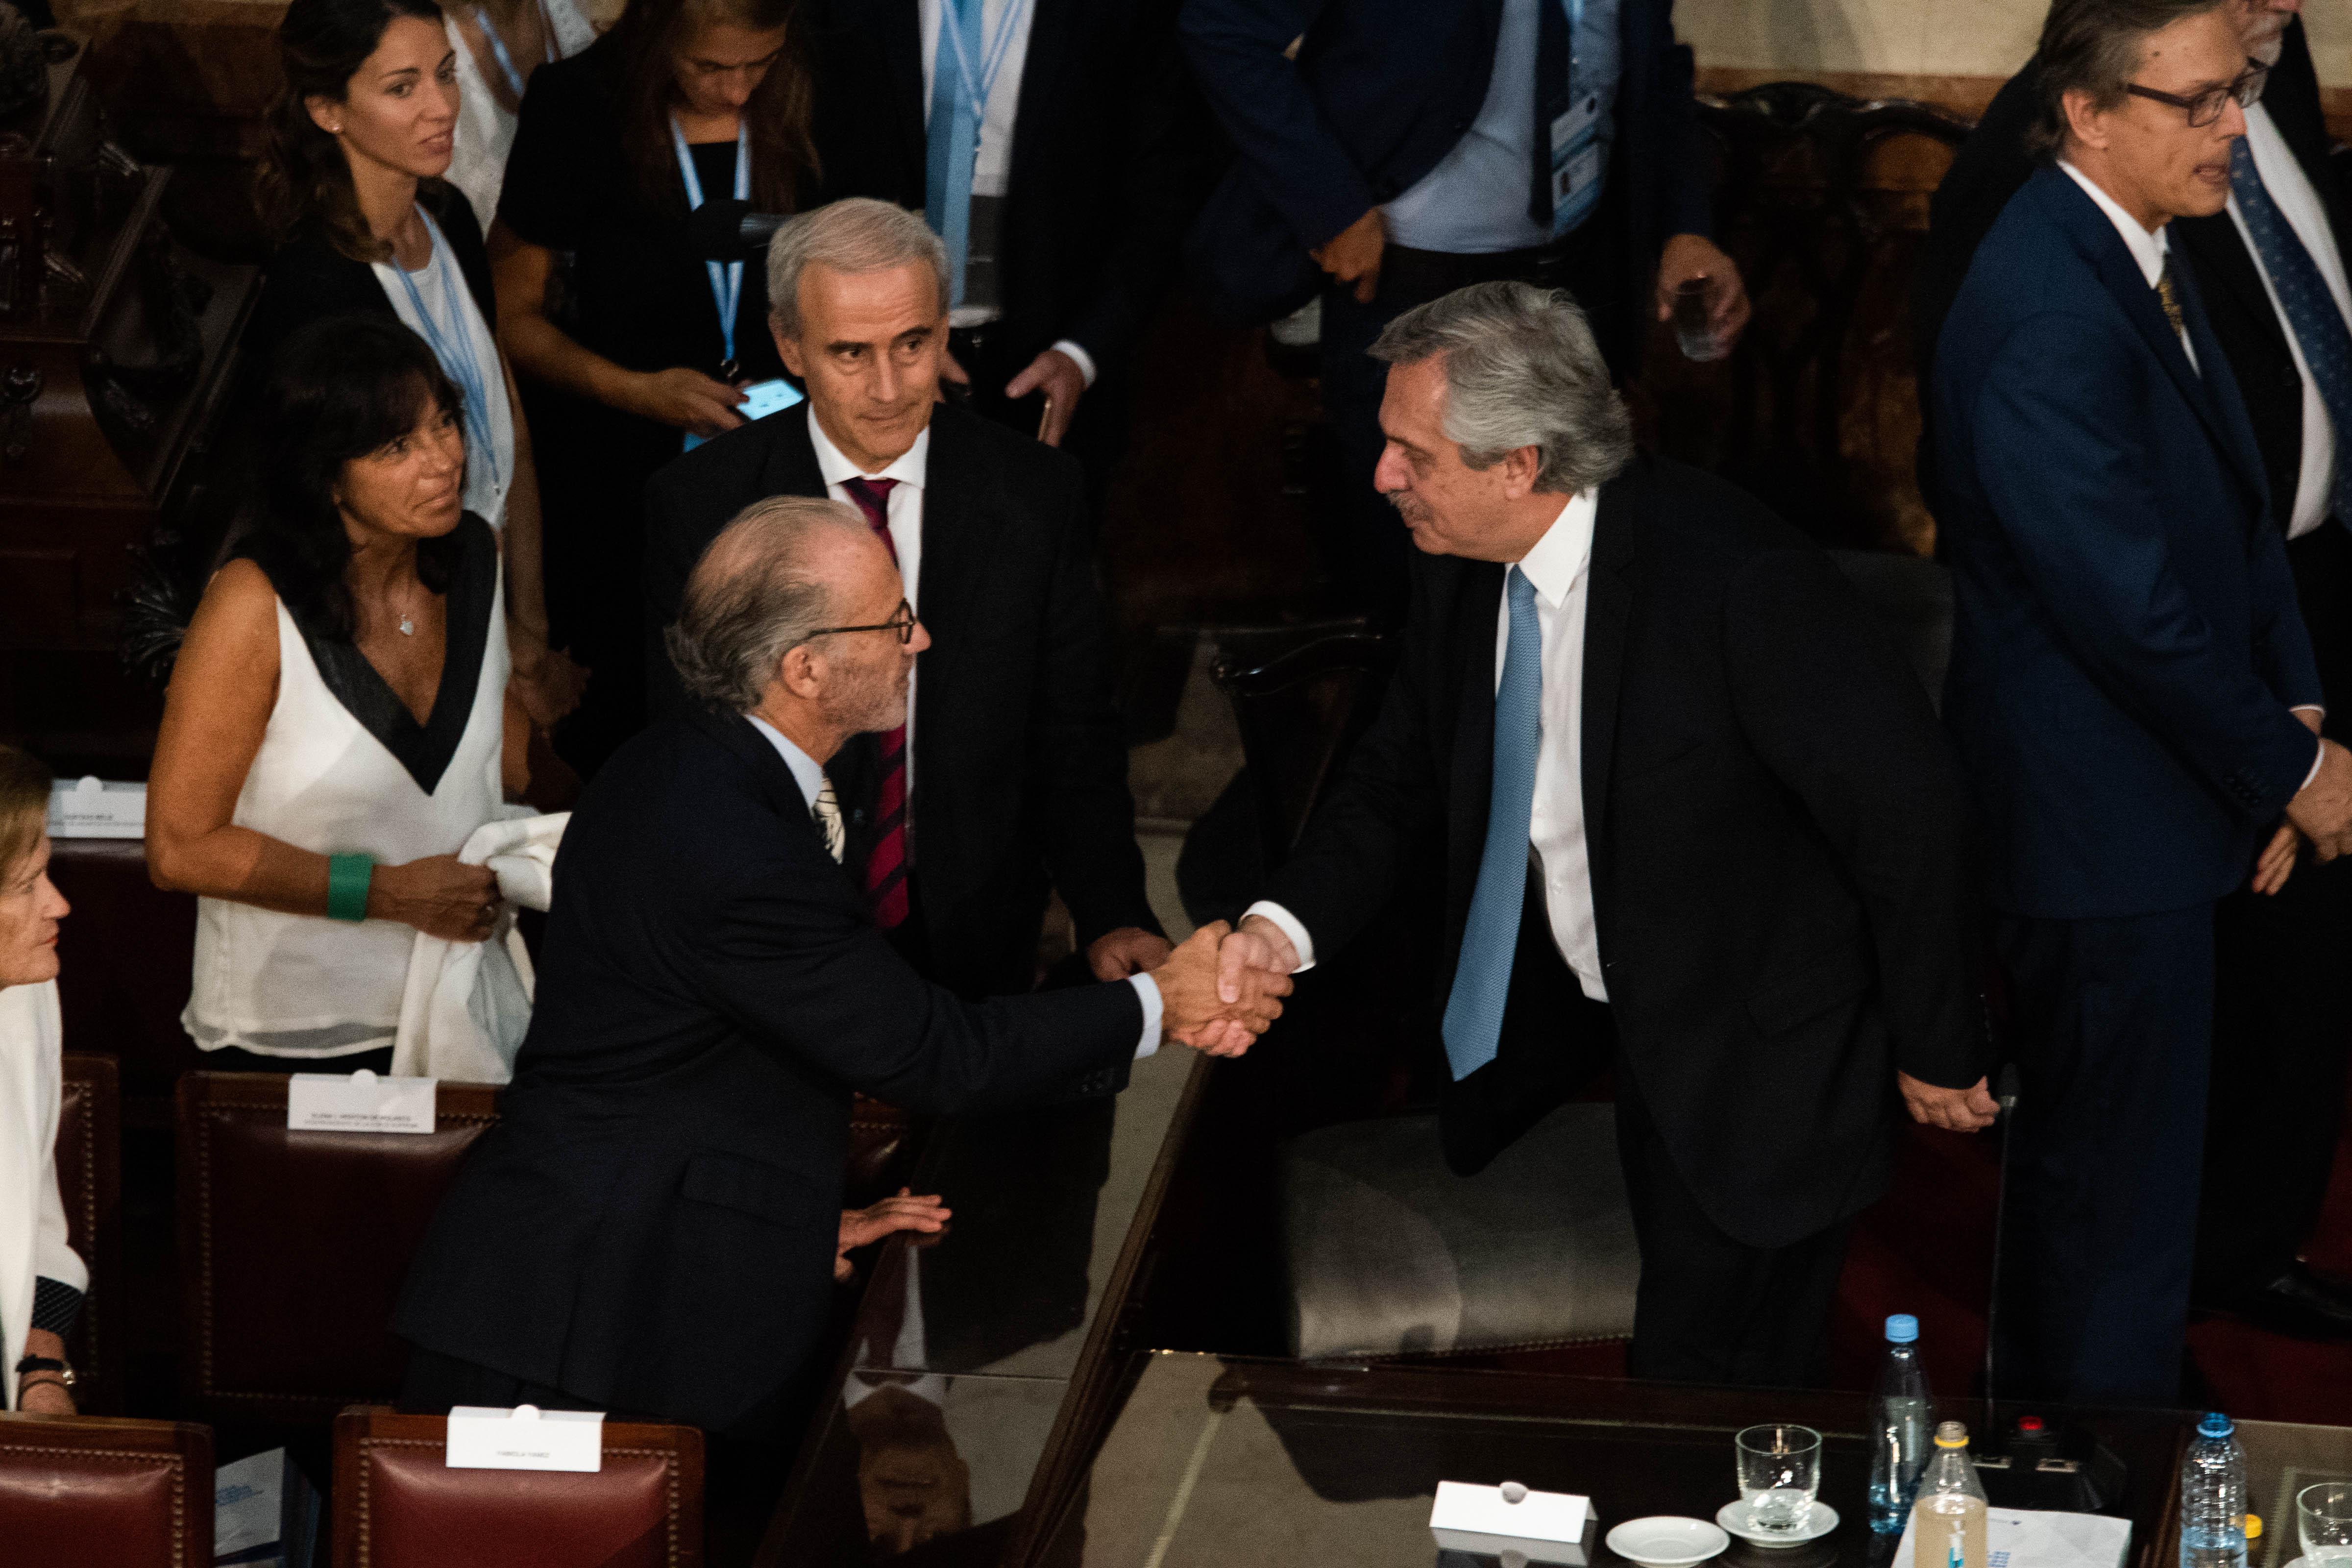 El Presidente saluda a Carlos Rosenkrantz, presidente de la Corte Suprema de Justicia